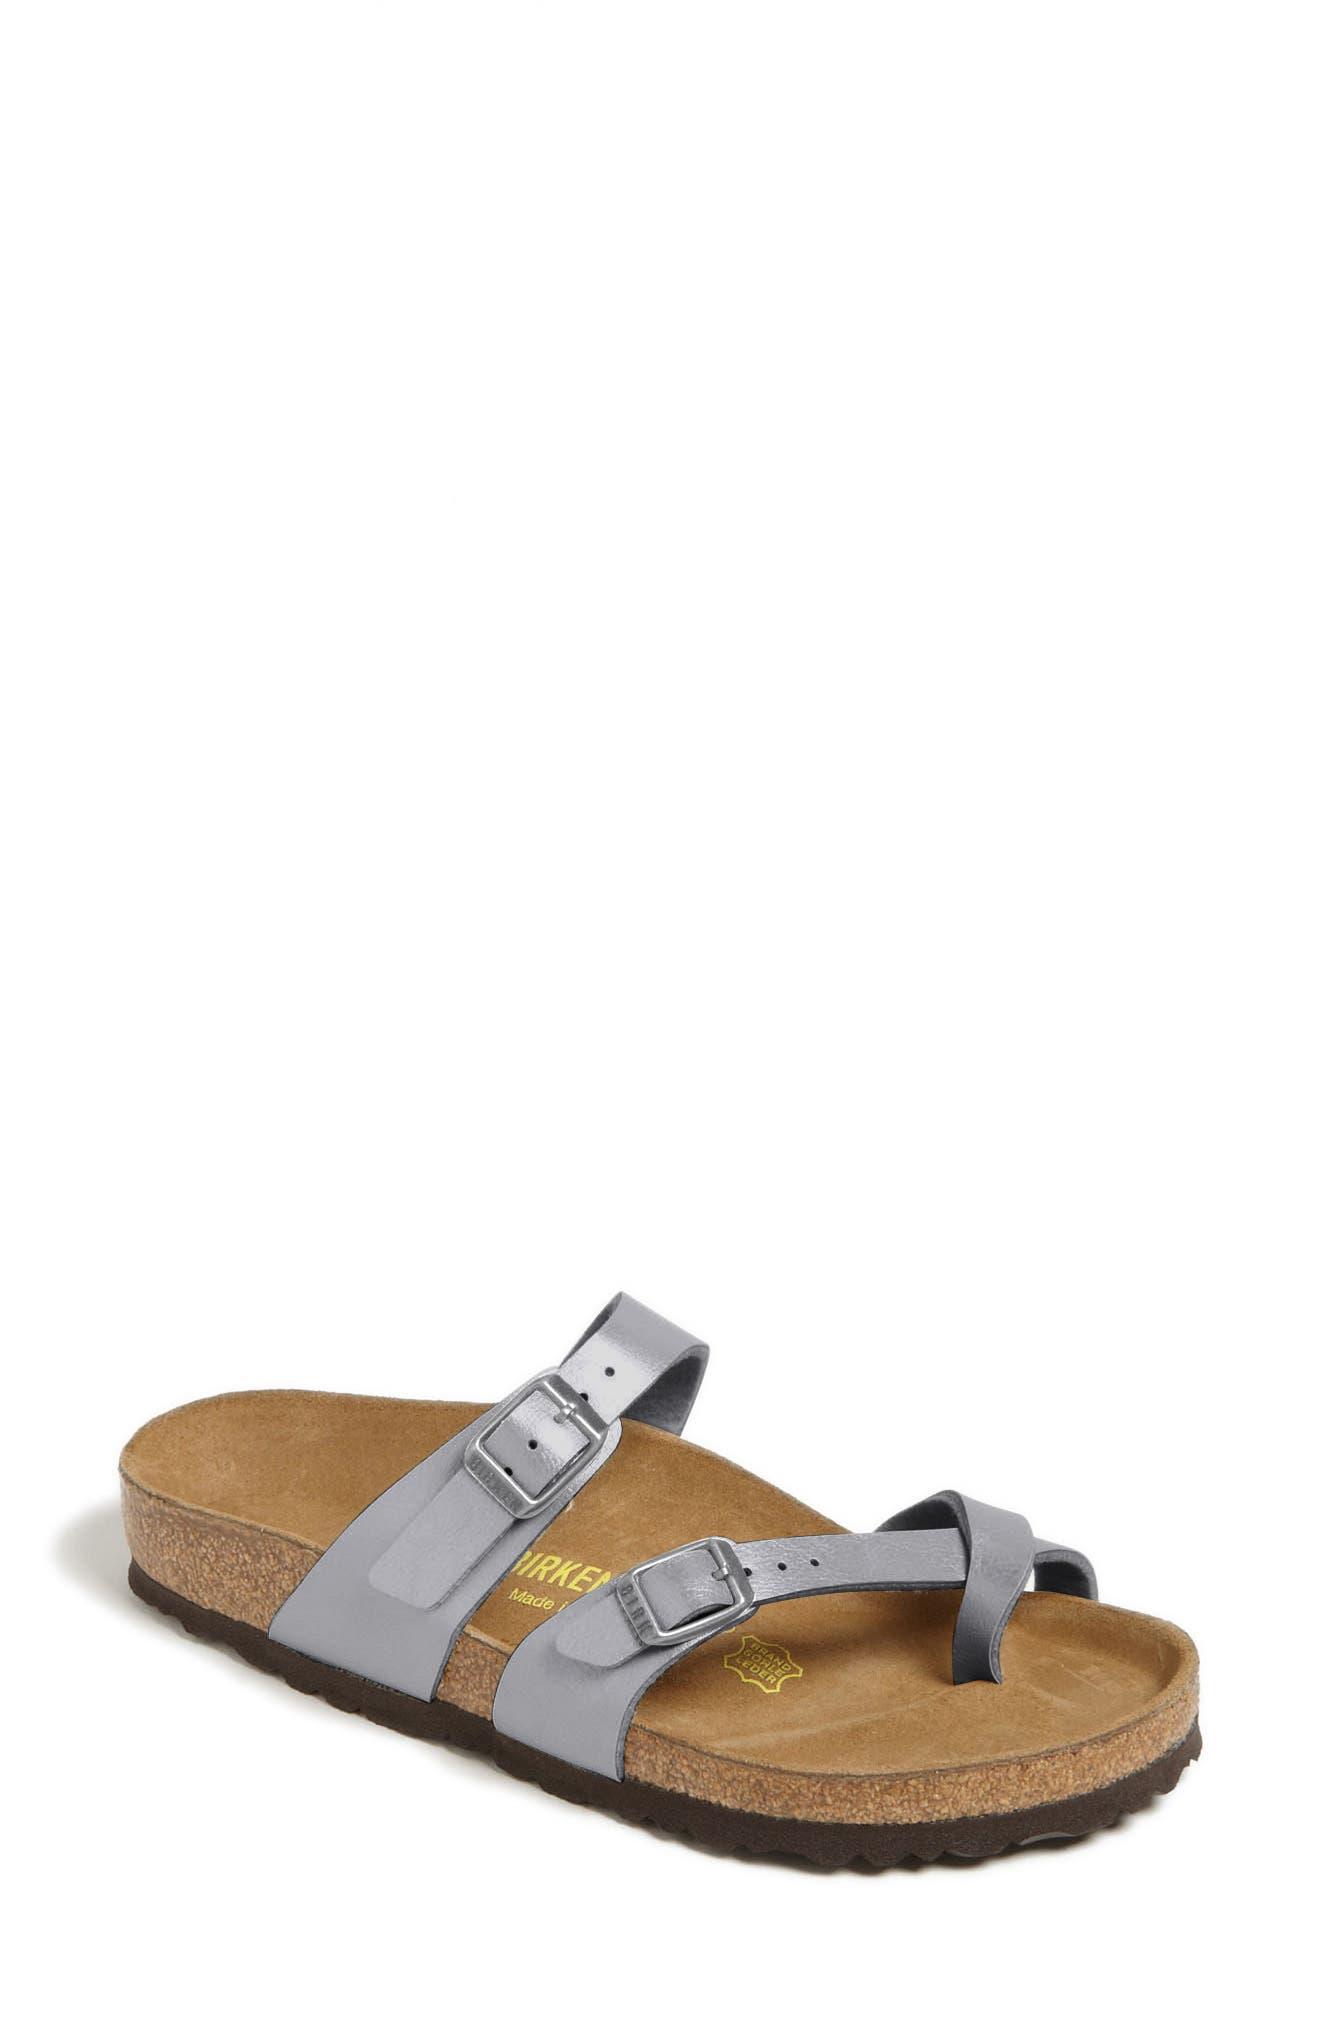 'Mayari' Birko-Flor<sup>™</sup> Sandal,                             Main thumbnail 1, color,                             Silver